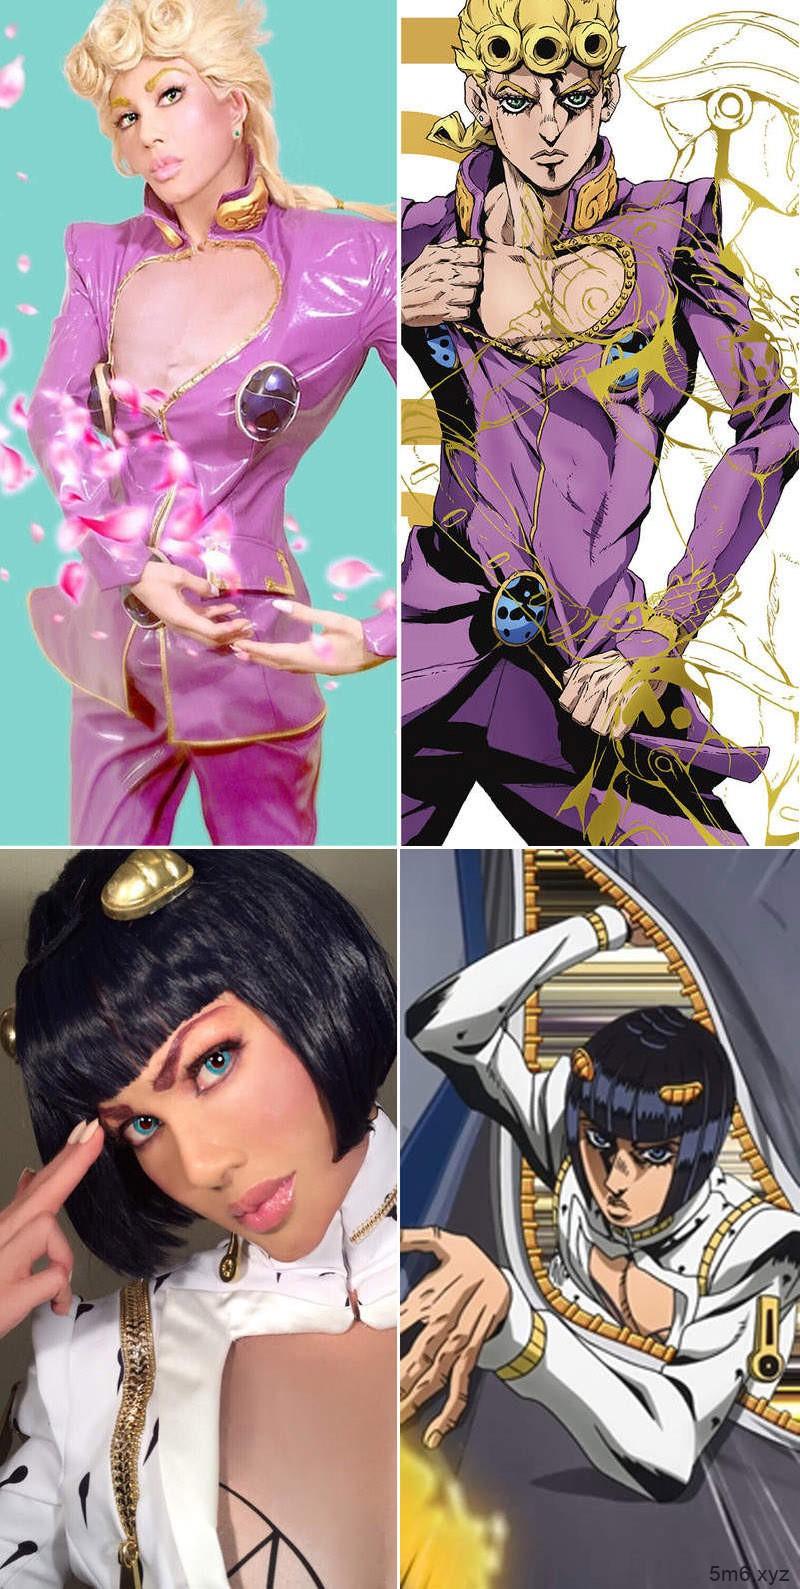 【蜗牛棋牌】叶恭子cosplay梅洛尼 角色扮演还原度超高